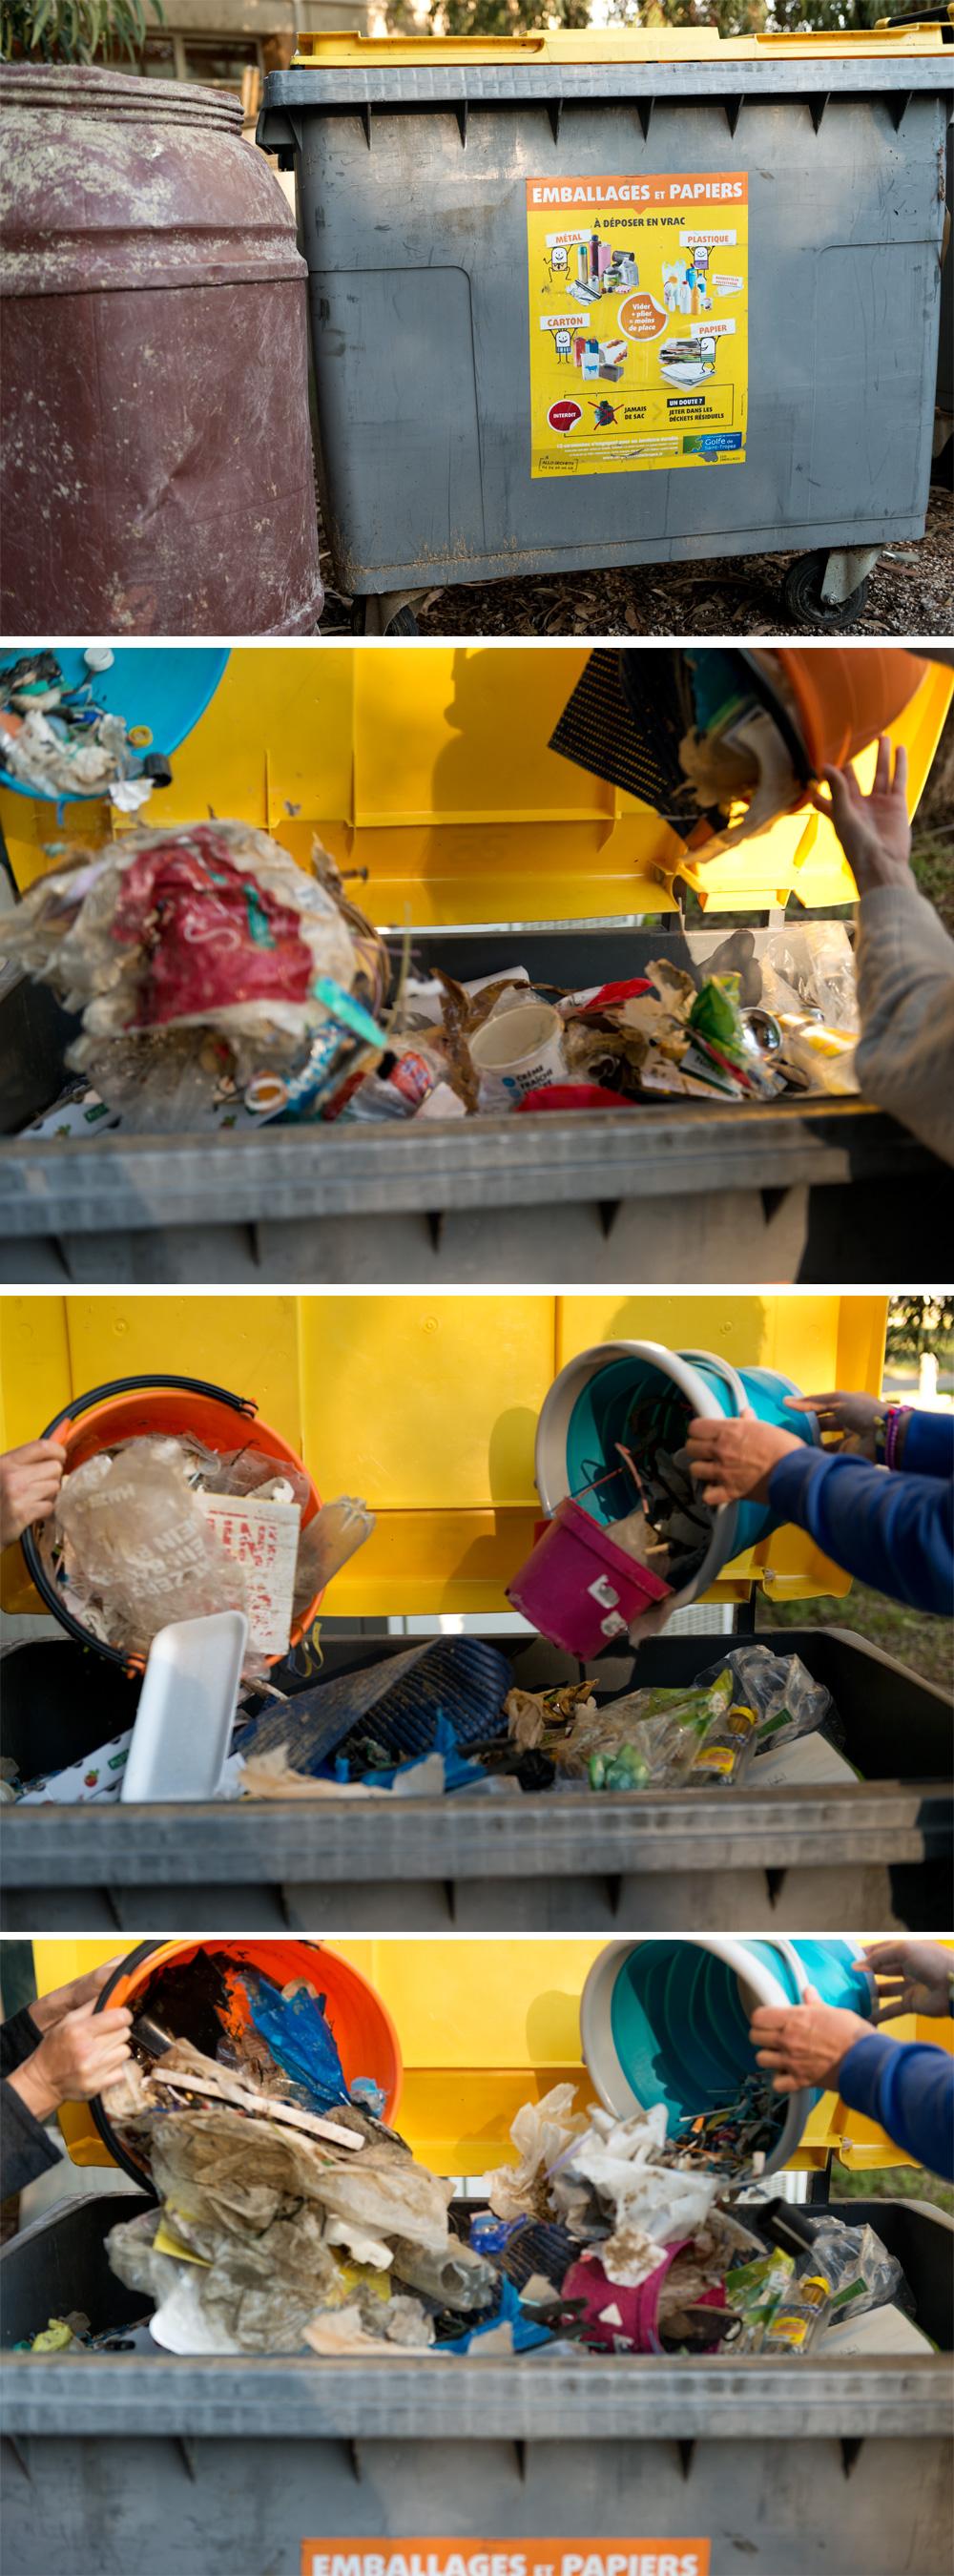 Französische Wertstofftonne für Recycling